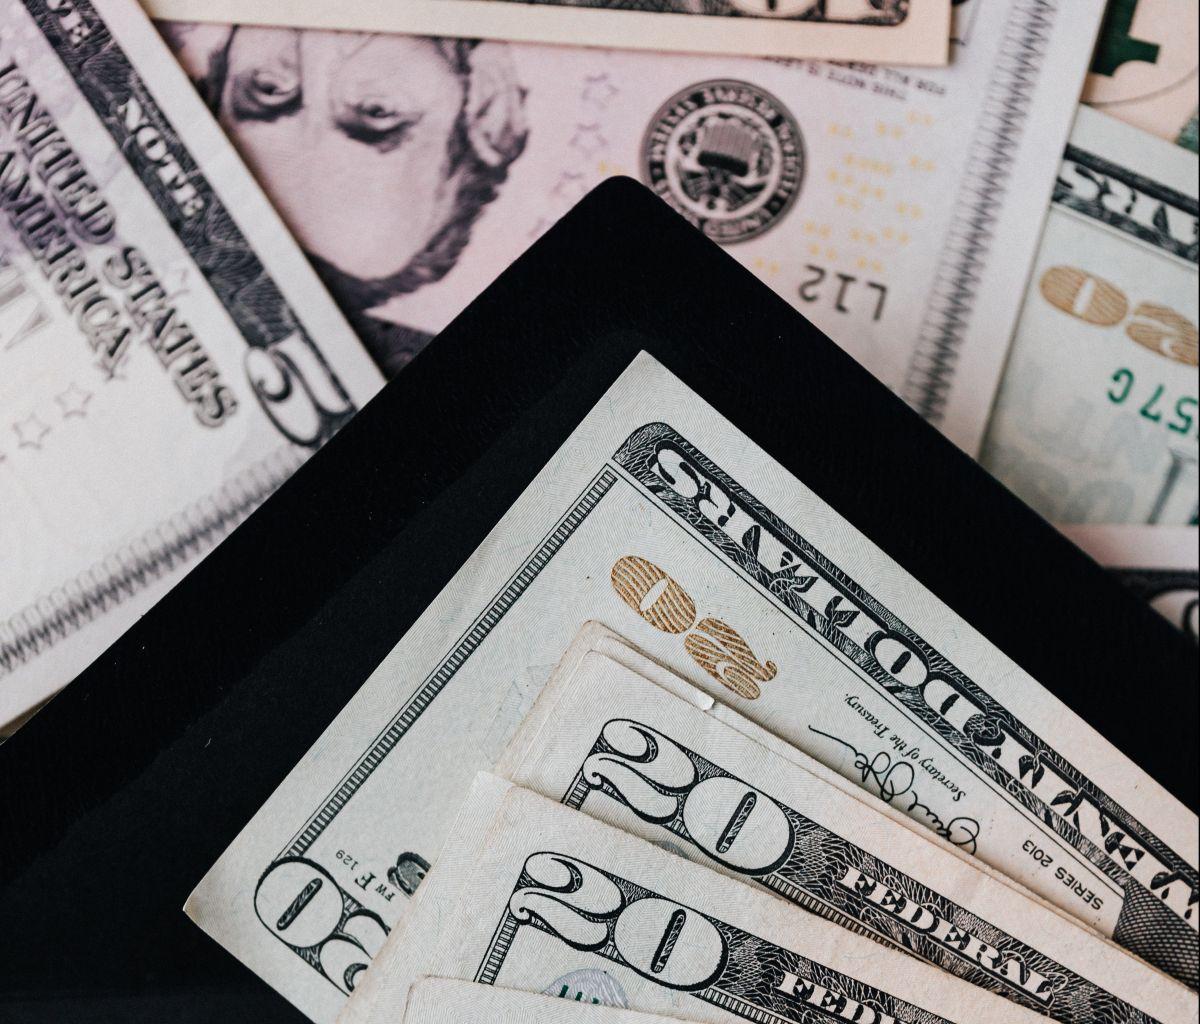 En año anteriores el IRS tardó en promedio 21 días en enviar el reembolso de impuestos.